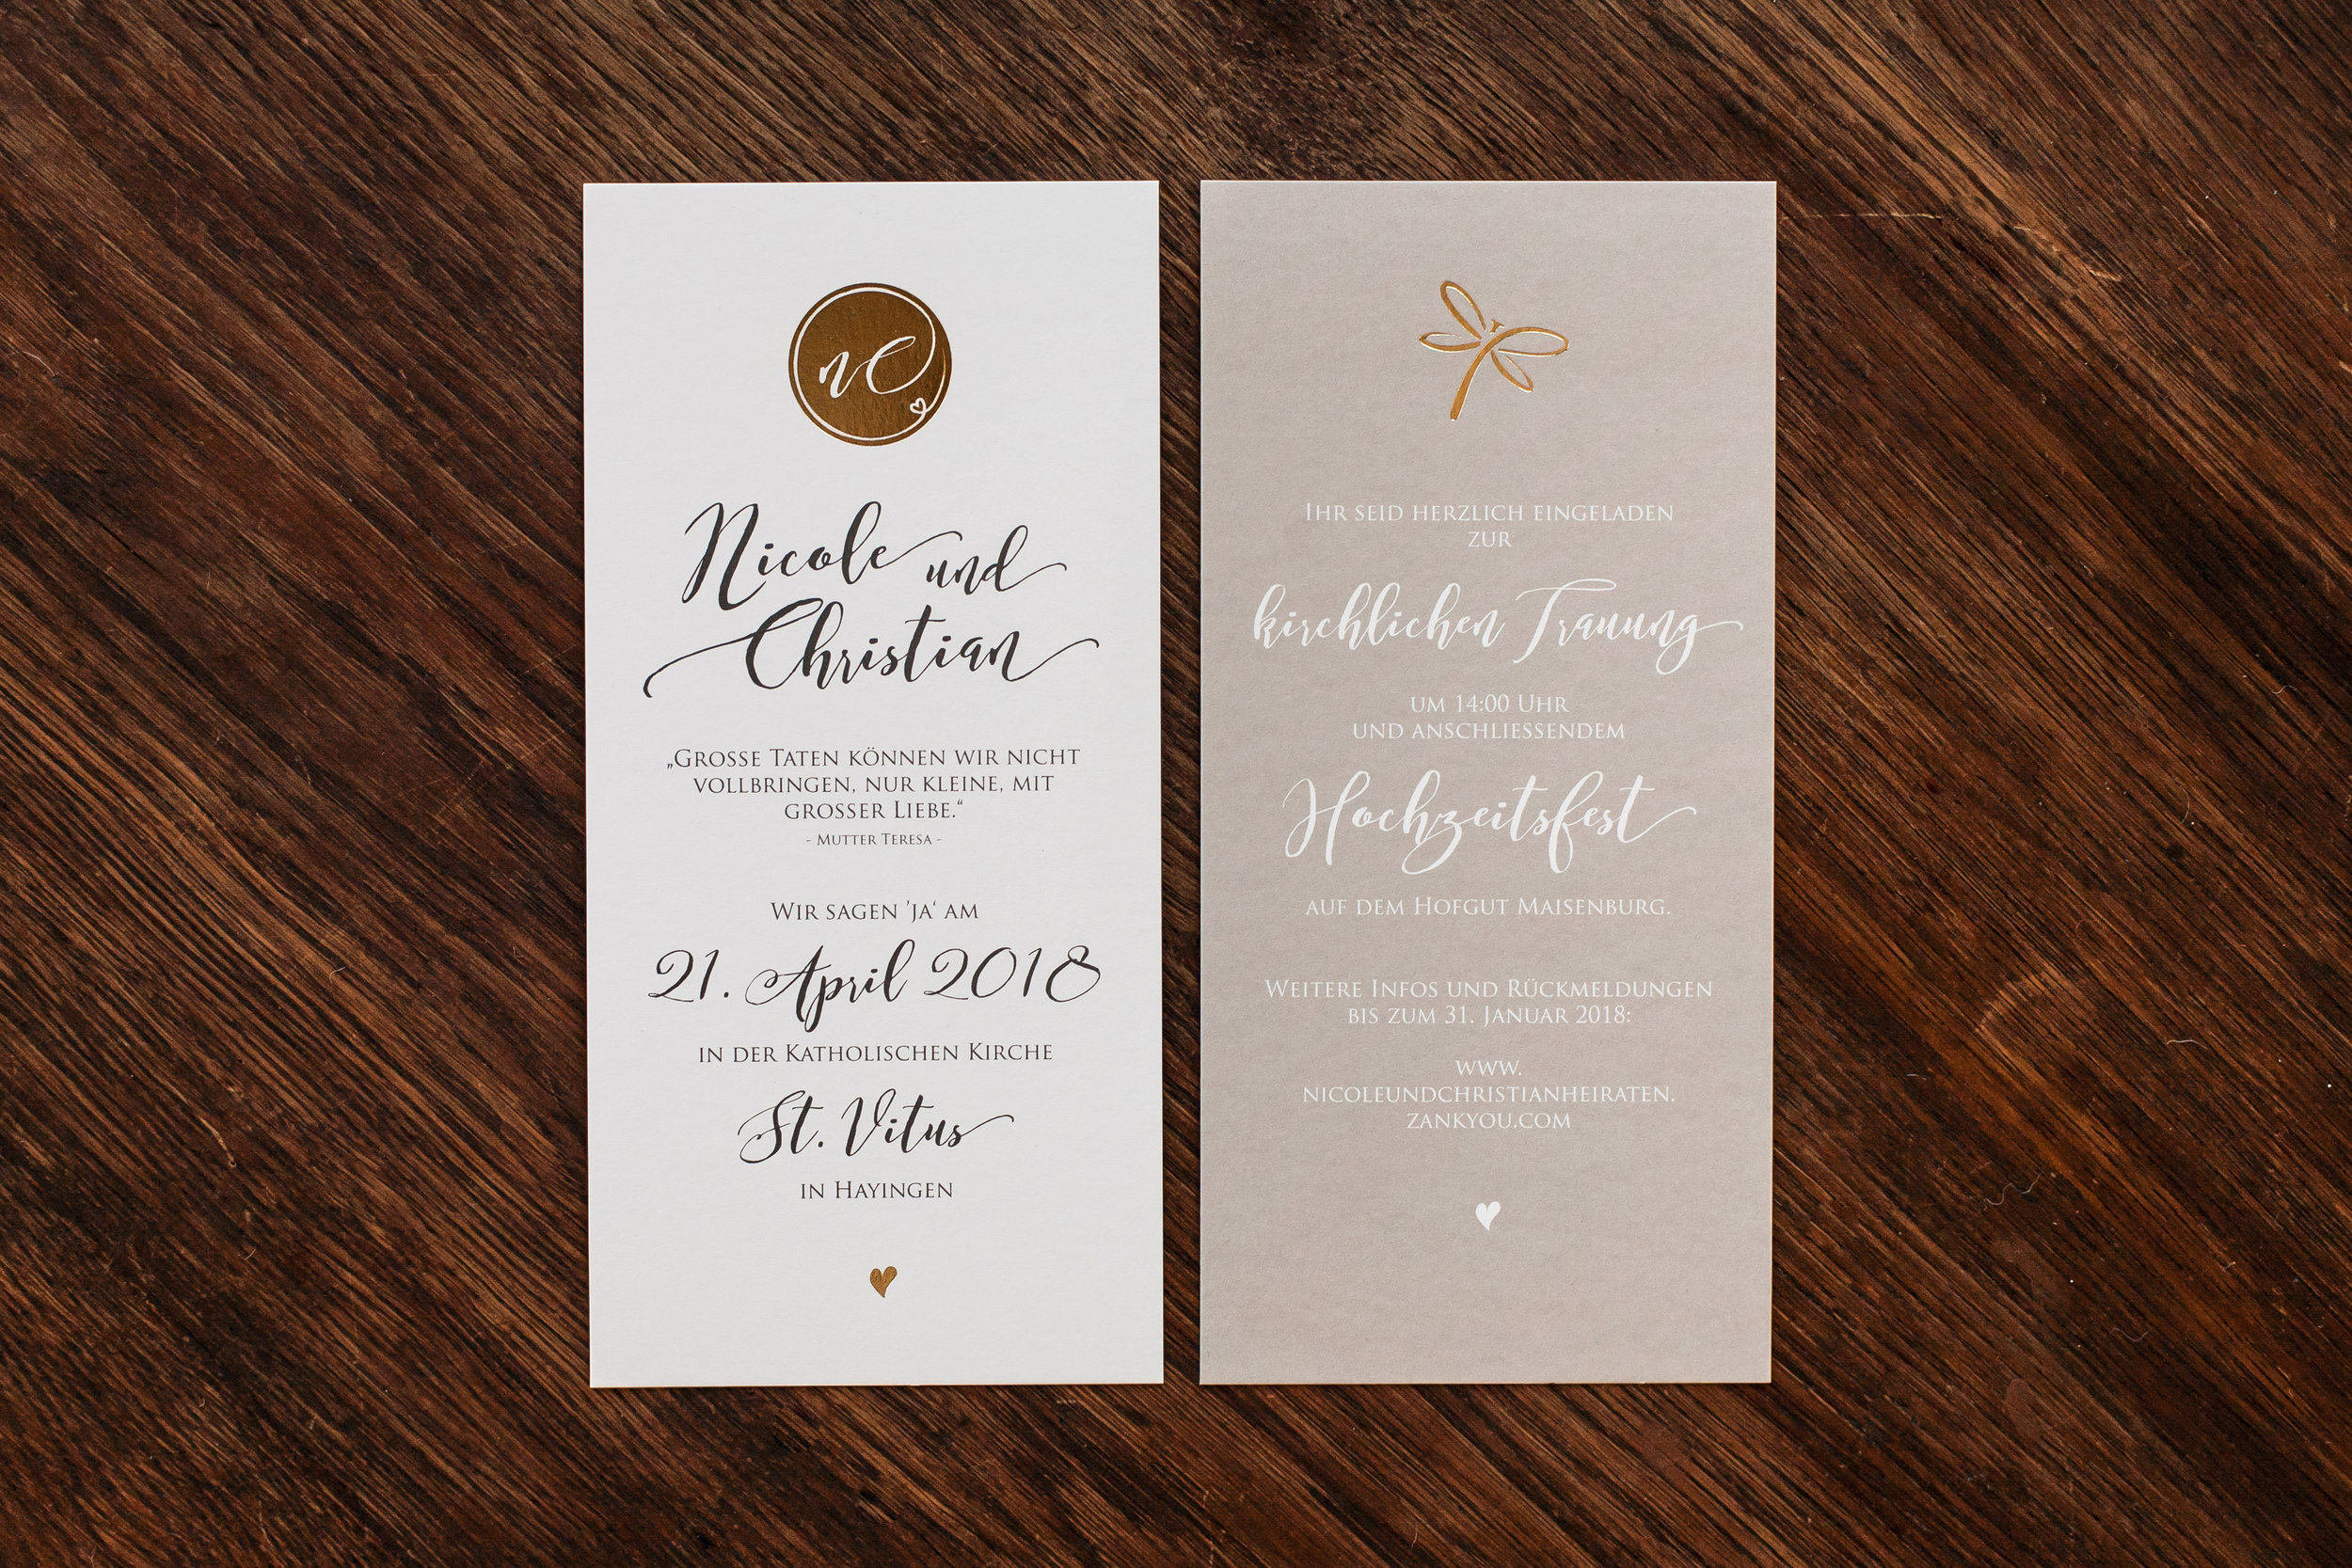 Einladung, zwei Karten einseitig bedruckt, mit Goldveredelung